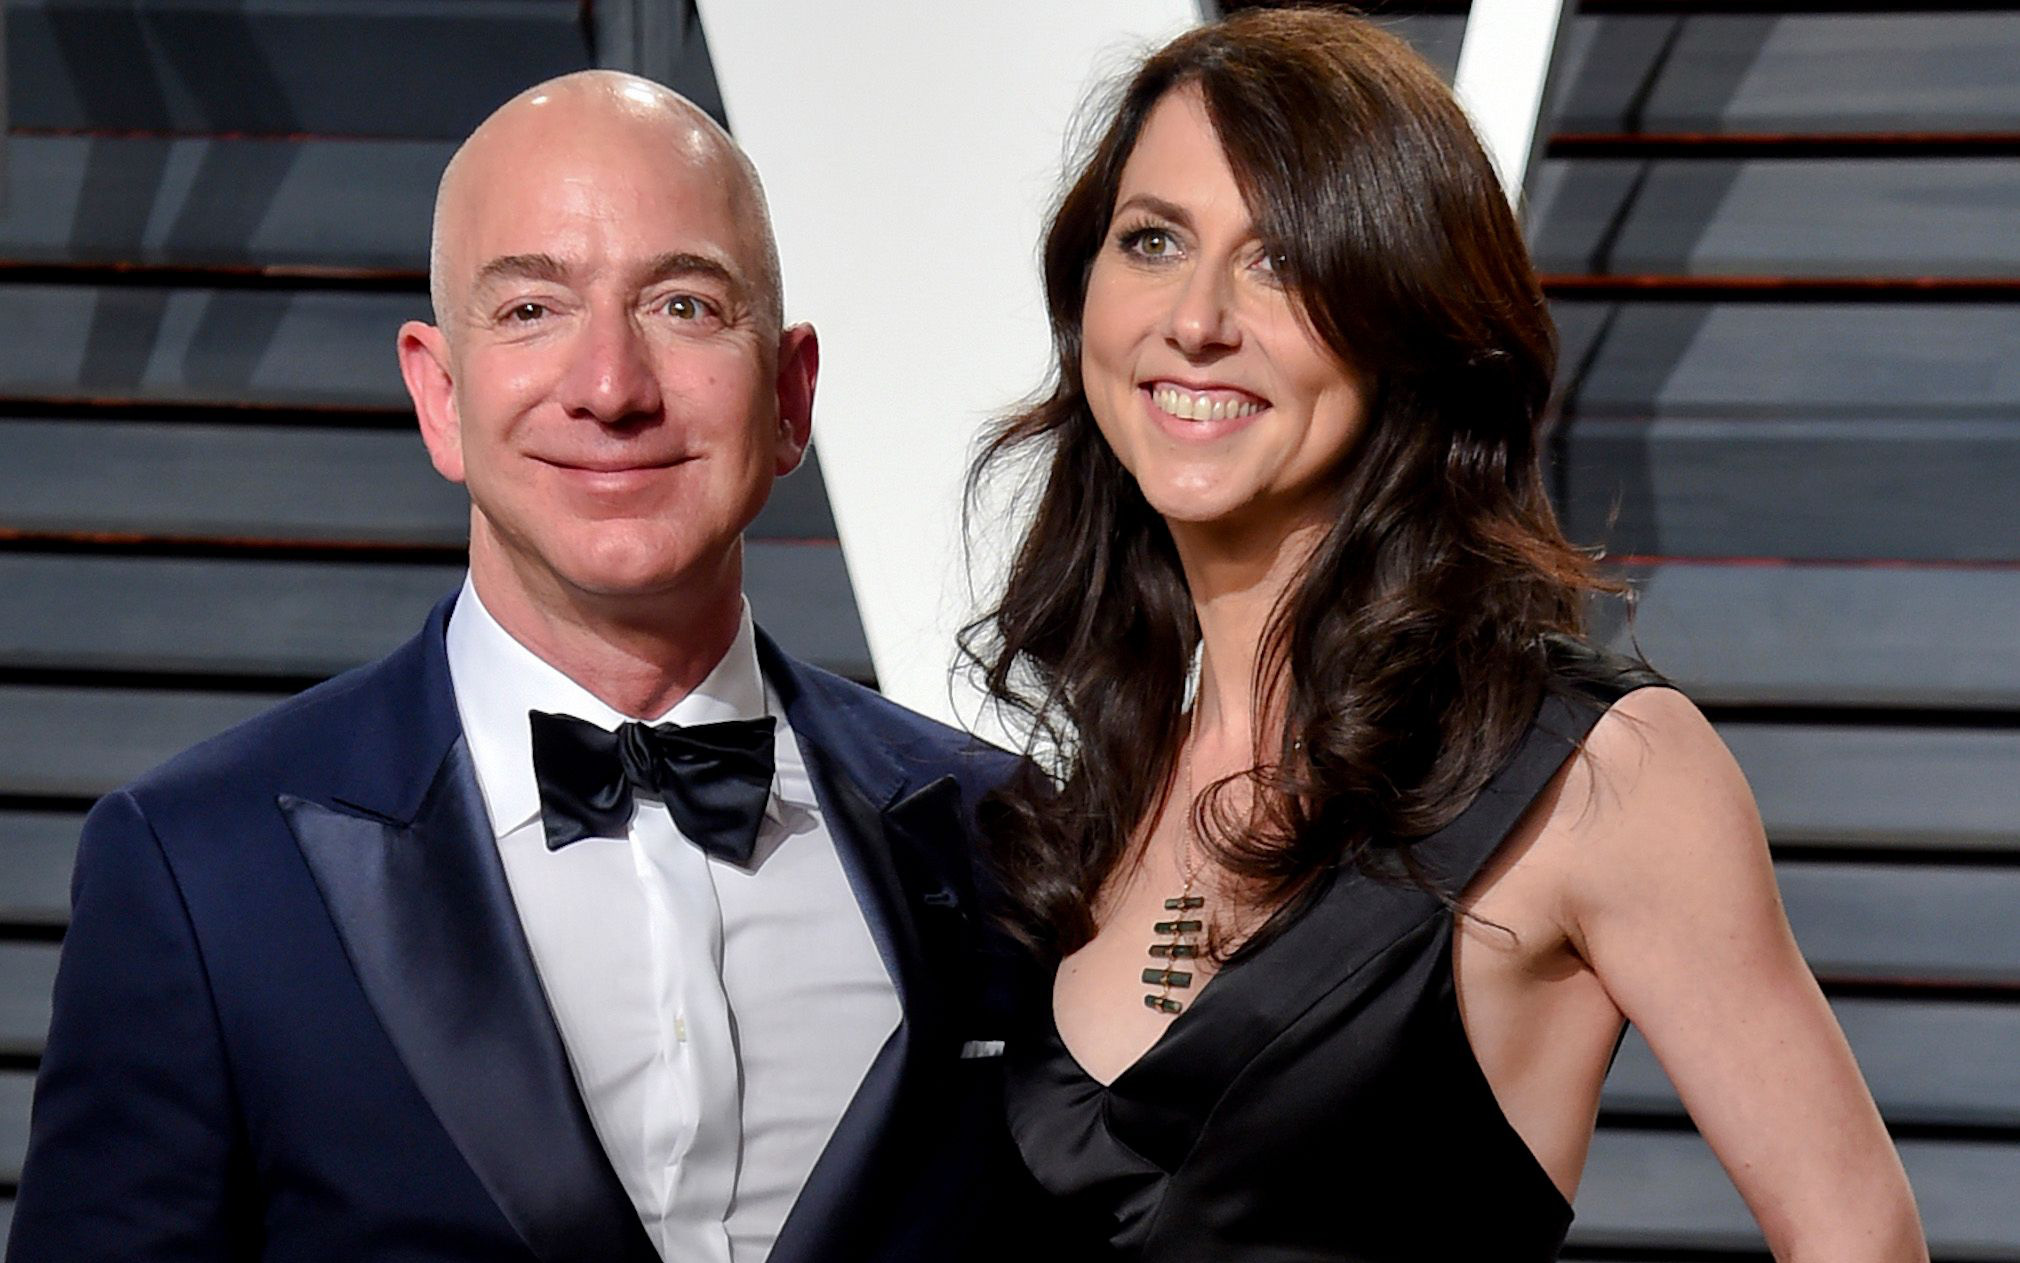 """Canh bạc quyết định cuộc đời: Vợ cũ tỷ phú Amazon có sự lựa chọn khiêm tốn khi thỏa thuận ly hôn để giờ đây được ngồi hưởng """"trái ngọt"""""""